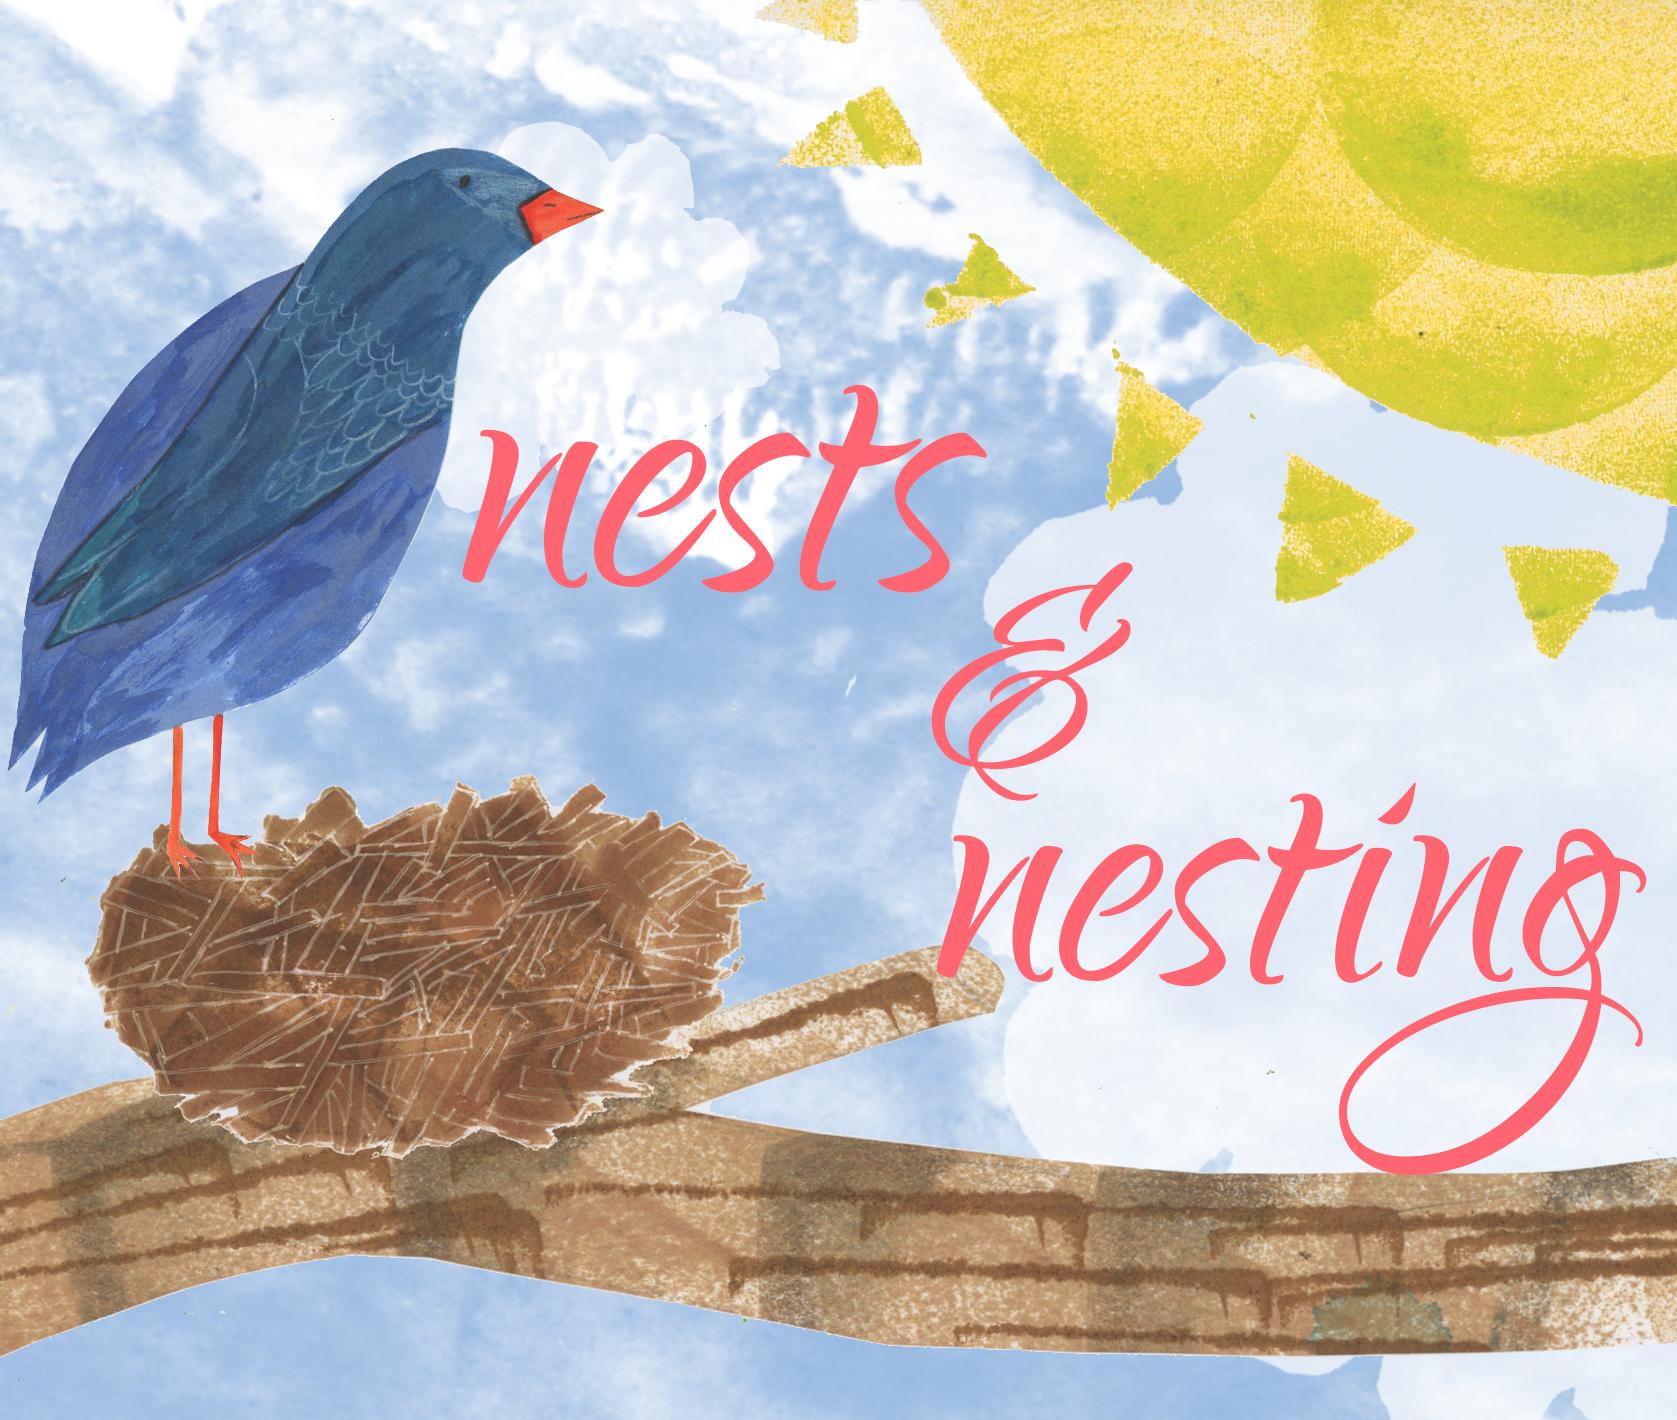 nests&nesting